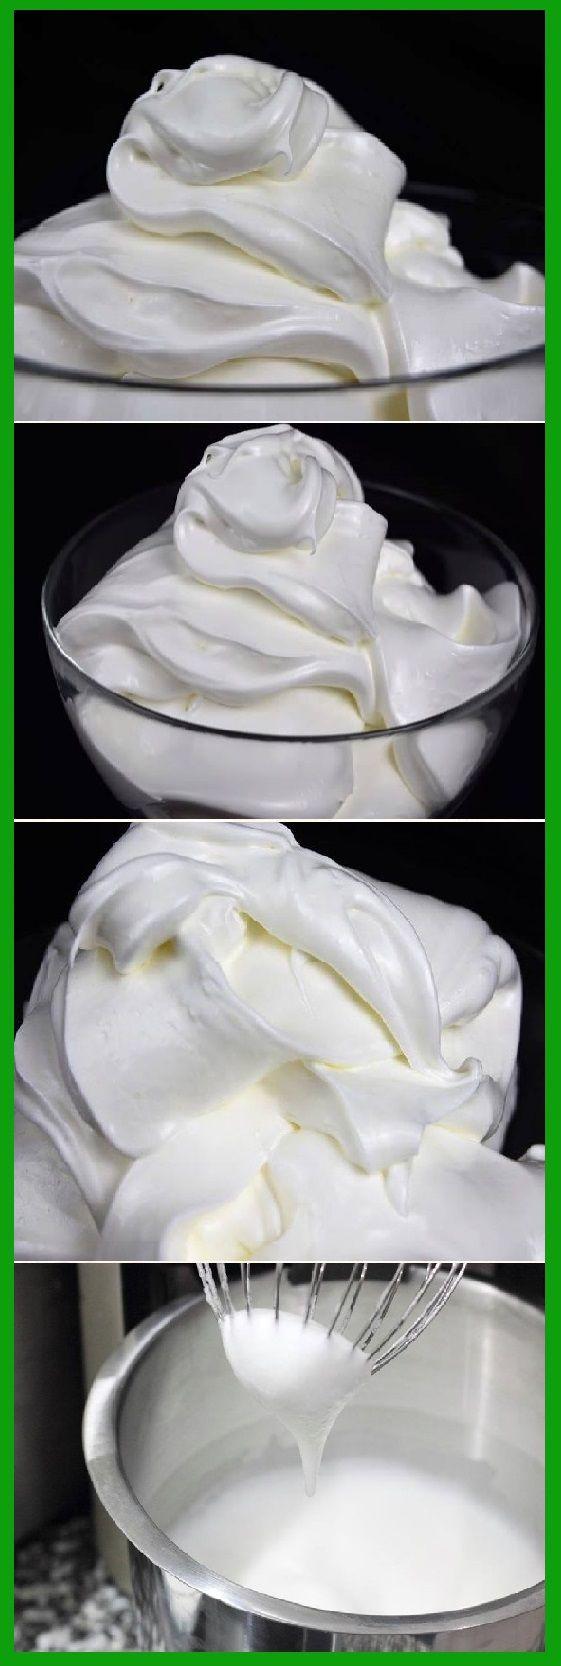 Te enseñamos cómo hacer el  MERENGUE PERFECTO! #merengue #perfect #buttercream #milk  #gelato #gelatina #receta #recipe #nestlecocina #rellenos #losmejores #crema #cakes #pan #panfrances #pantone #panes #pantone #pan #casero #torta #tartas #pastel #bizcocho #bizcochuelo #tasty #cocina #chocolate   Si te gusta dinos HOLA y dale a Me Gusta...